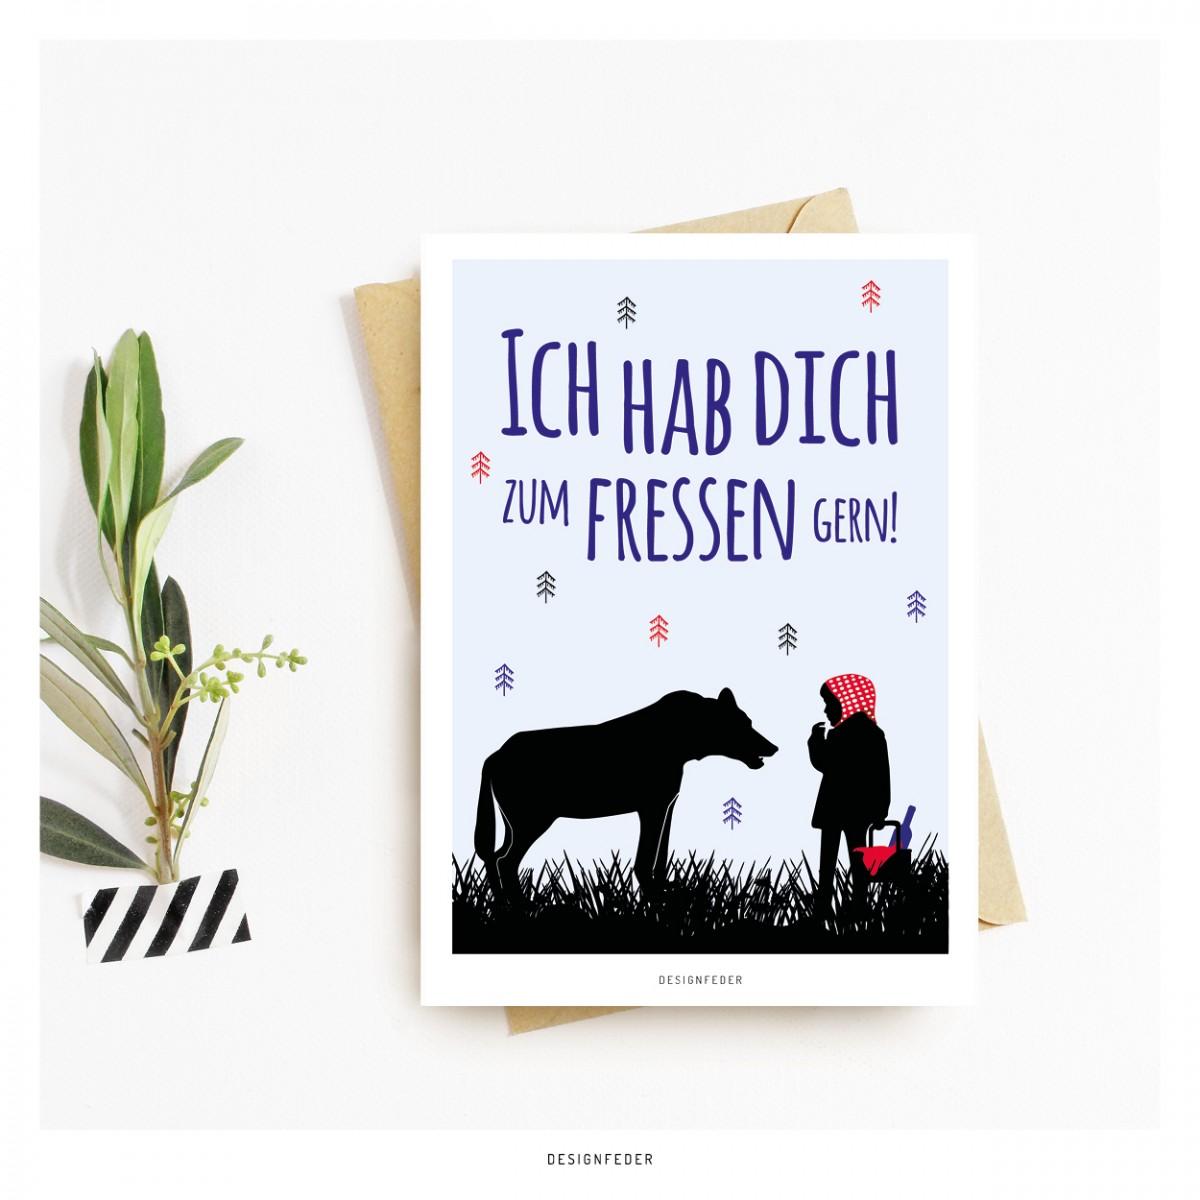 designfeder   Postkarte Ich hab dich zum fressen gern